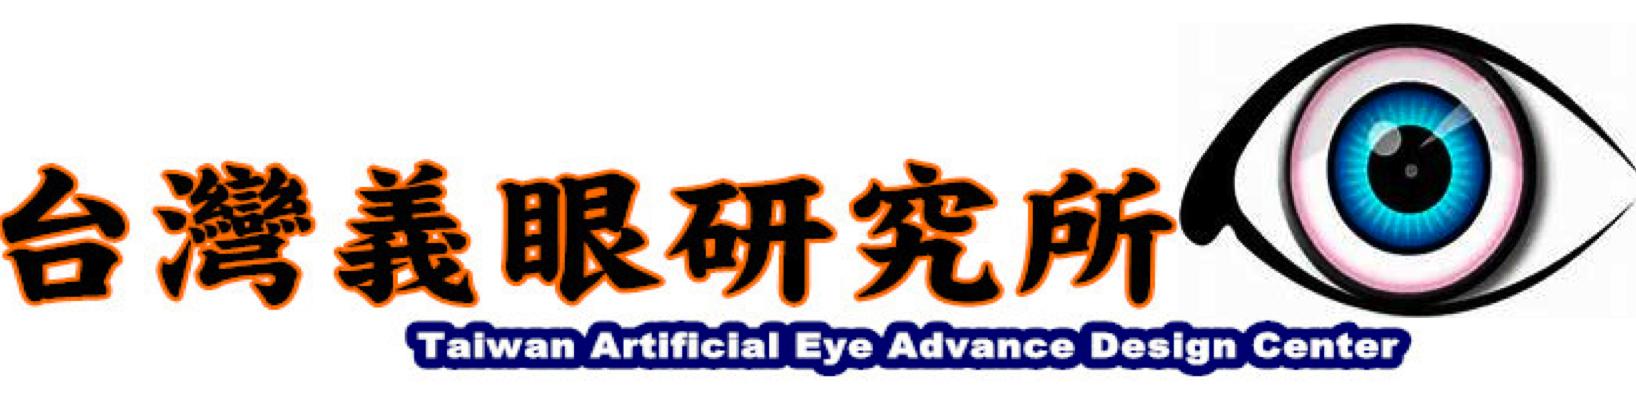 台灣義眼研究所,臺灣義眼,假眼,眼睛,義眼,手工,訂製,醫療器材,美容,美觀,容貌,失明,盲人,瞳孔,視網膜,眼,眼整形,眼腔,睫毛倒插,萎縮,眼科,整形